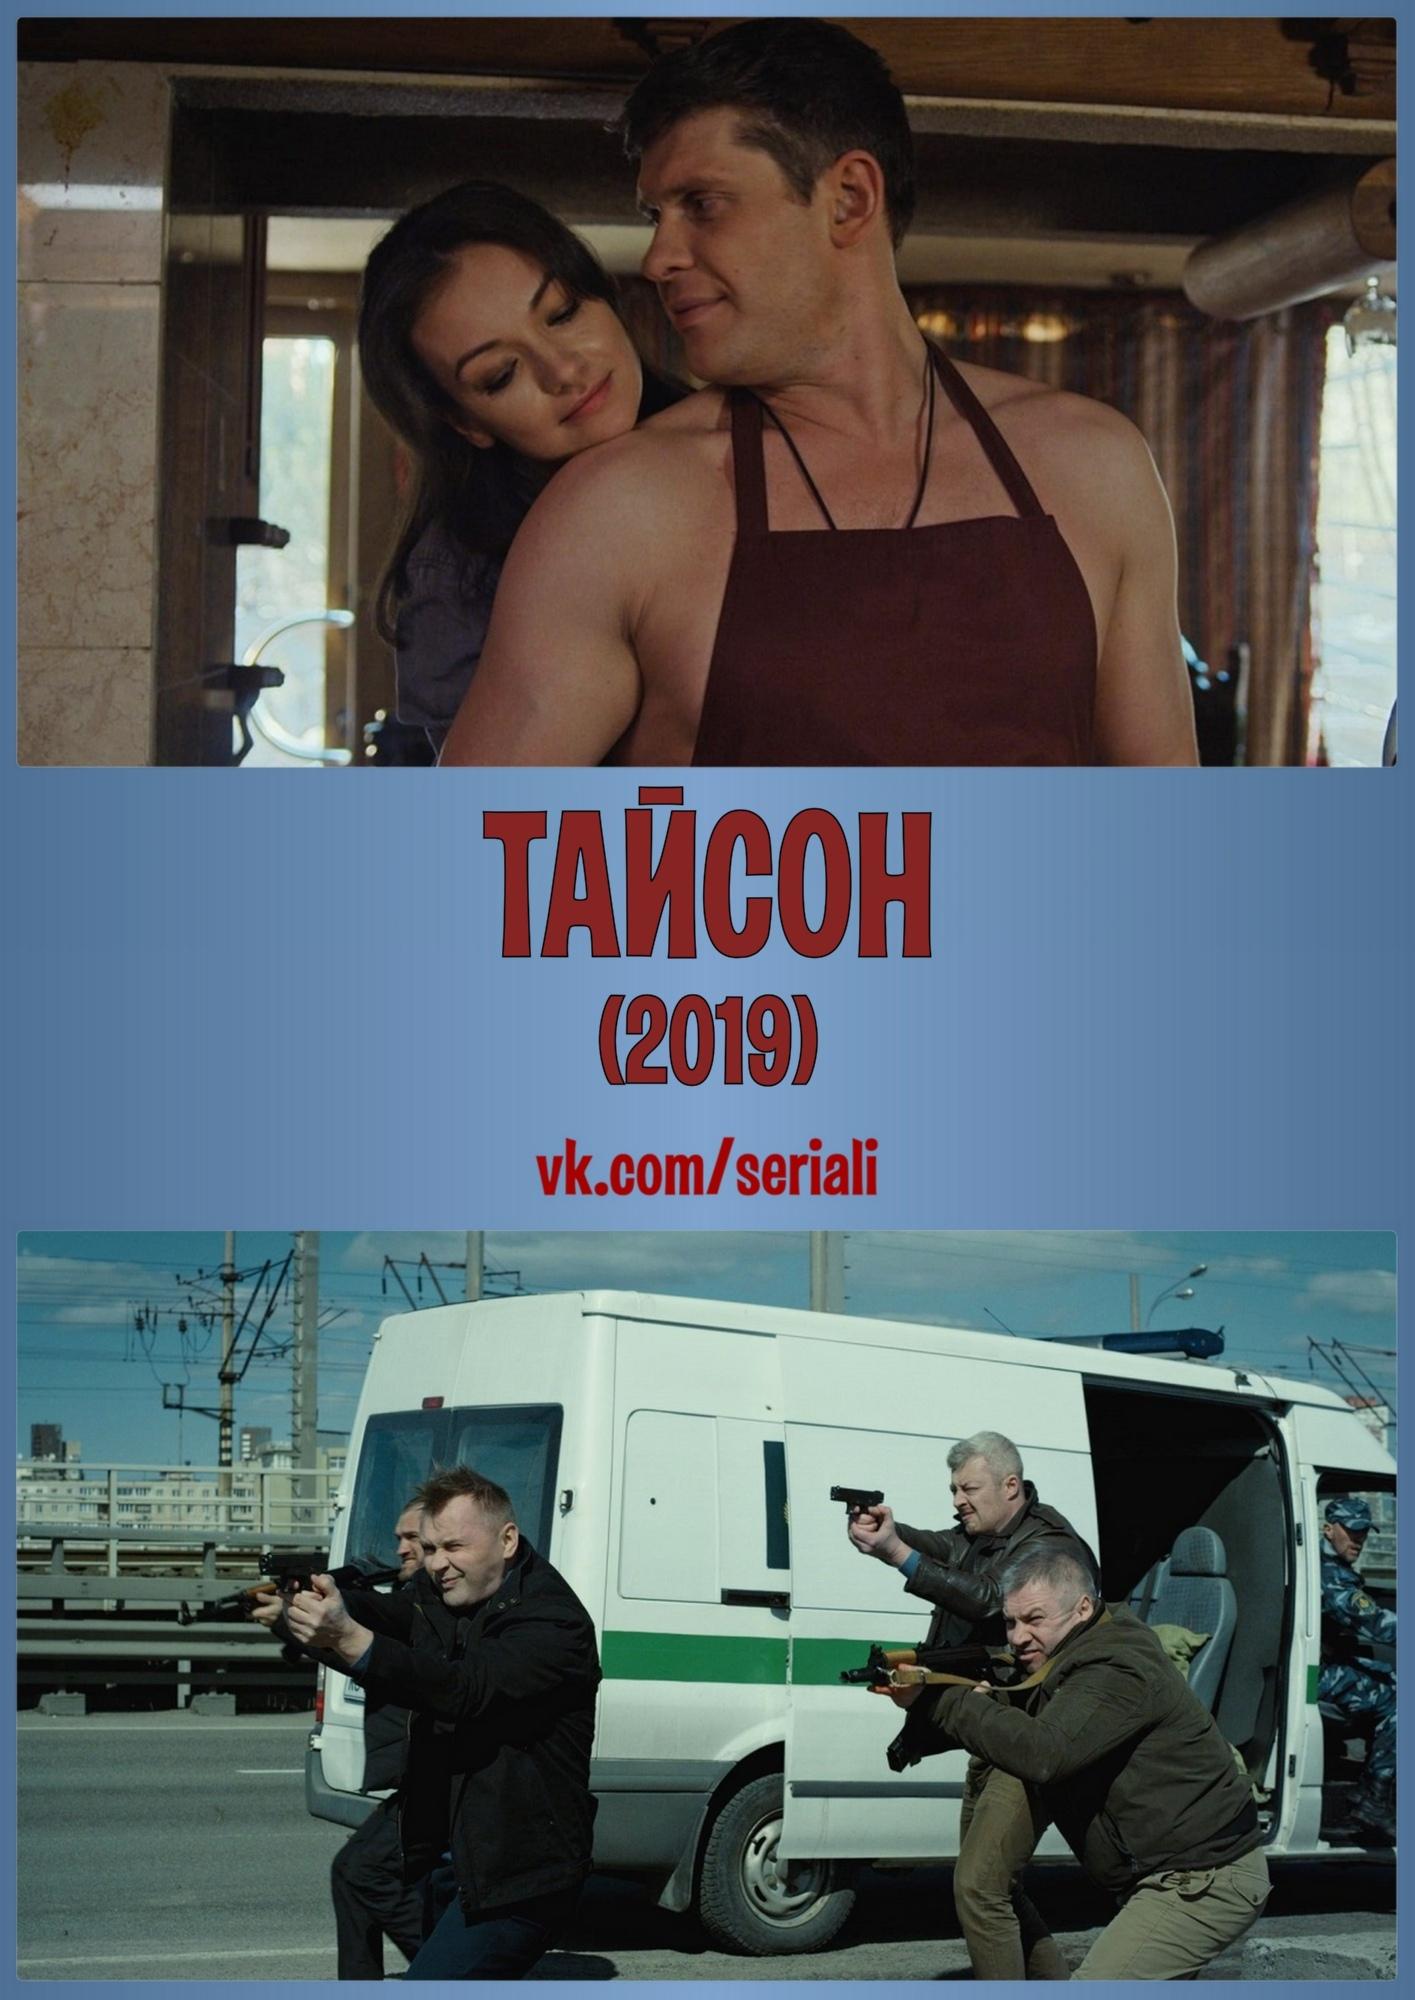 Криминальная мелодрама «Тaйcoн» (2019) 1-4 серия из 4 HD